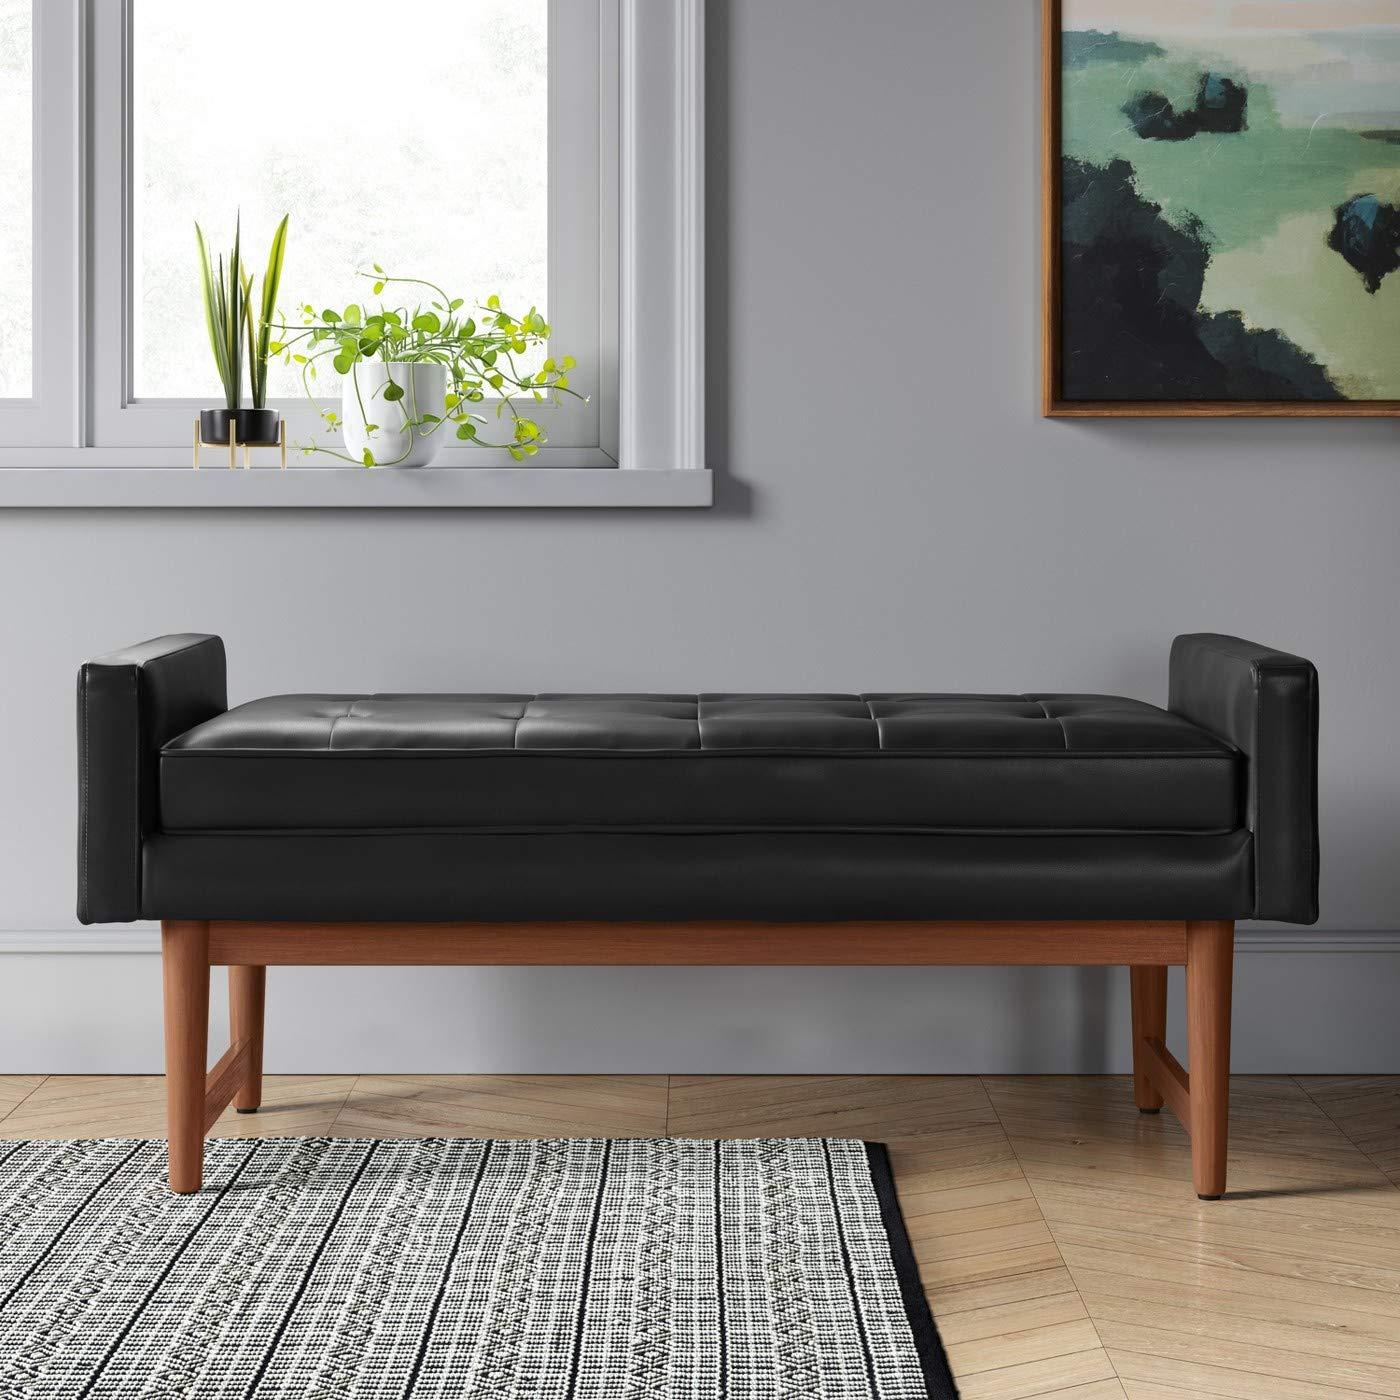 Incredible Amazon Com Verken Mid Century Modern Faux Leather Bench Inzonedesignstudio Interior Chair Design Inzonedesignstudiocom